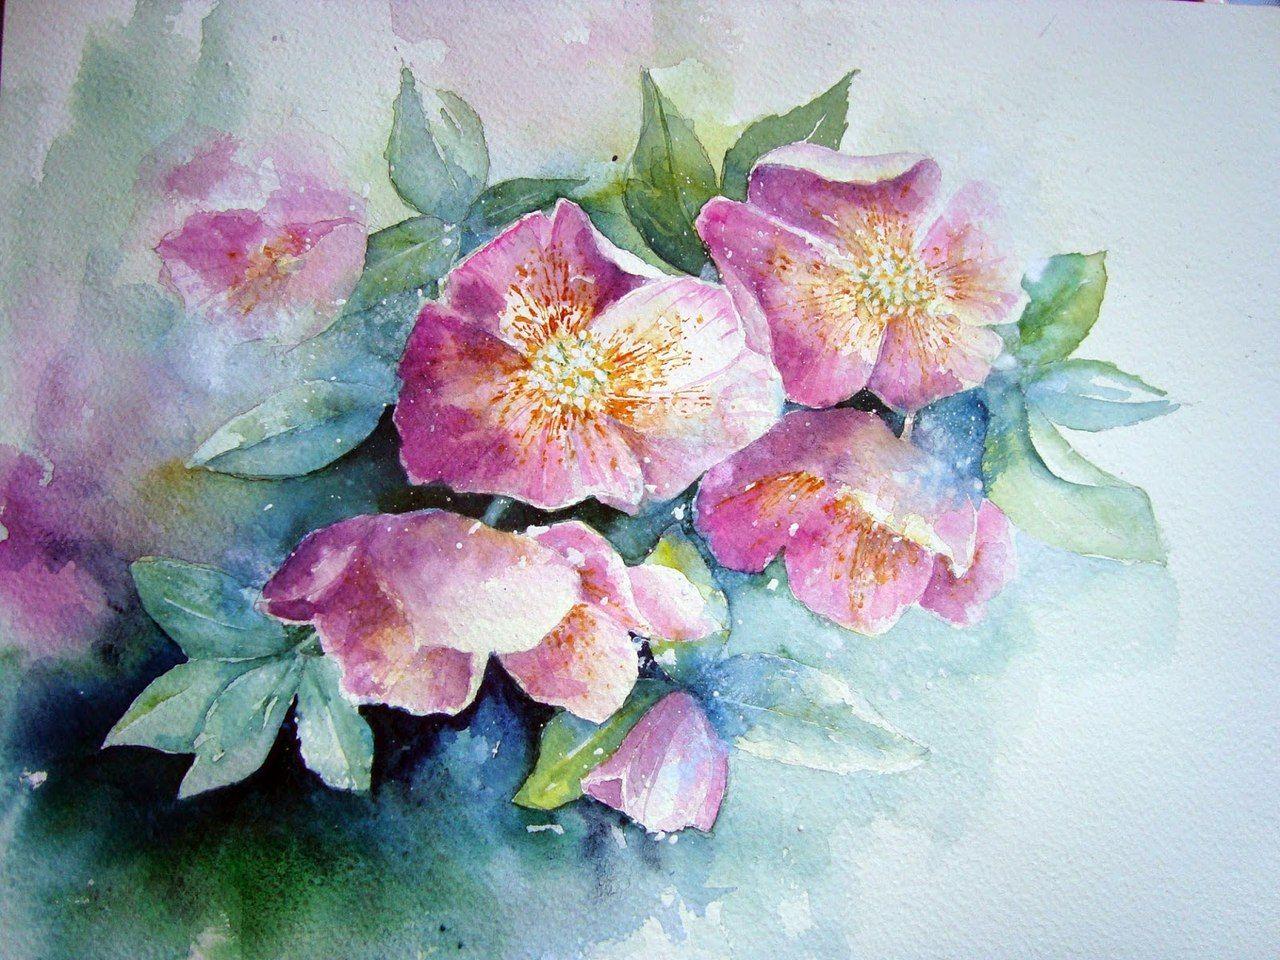 Картинки с цветами красивые нарисованные акварелью, про дураков прикольные